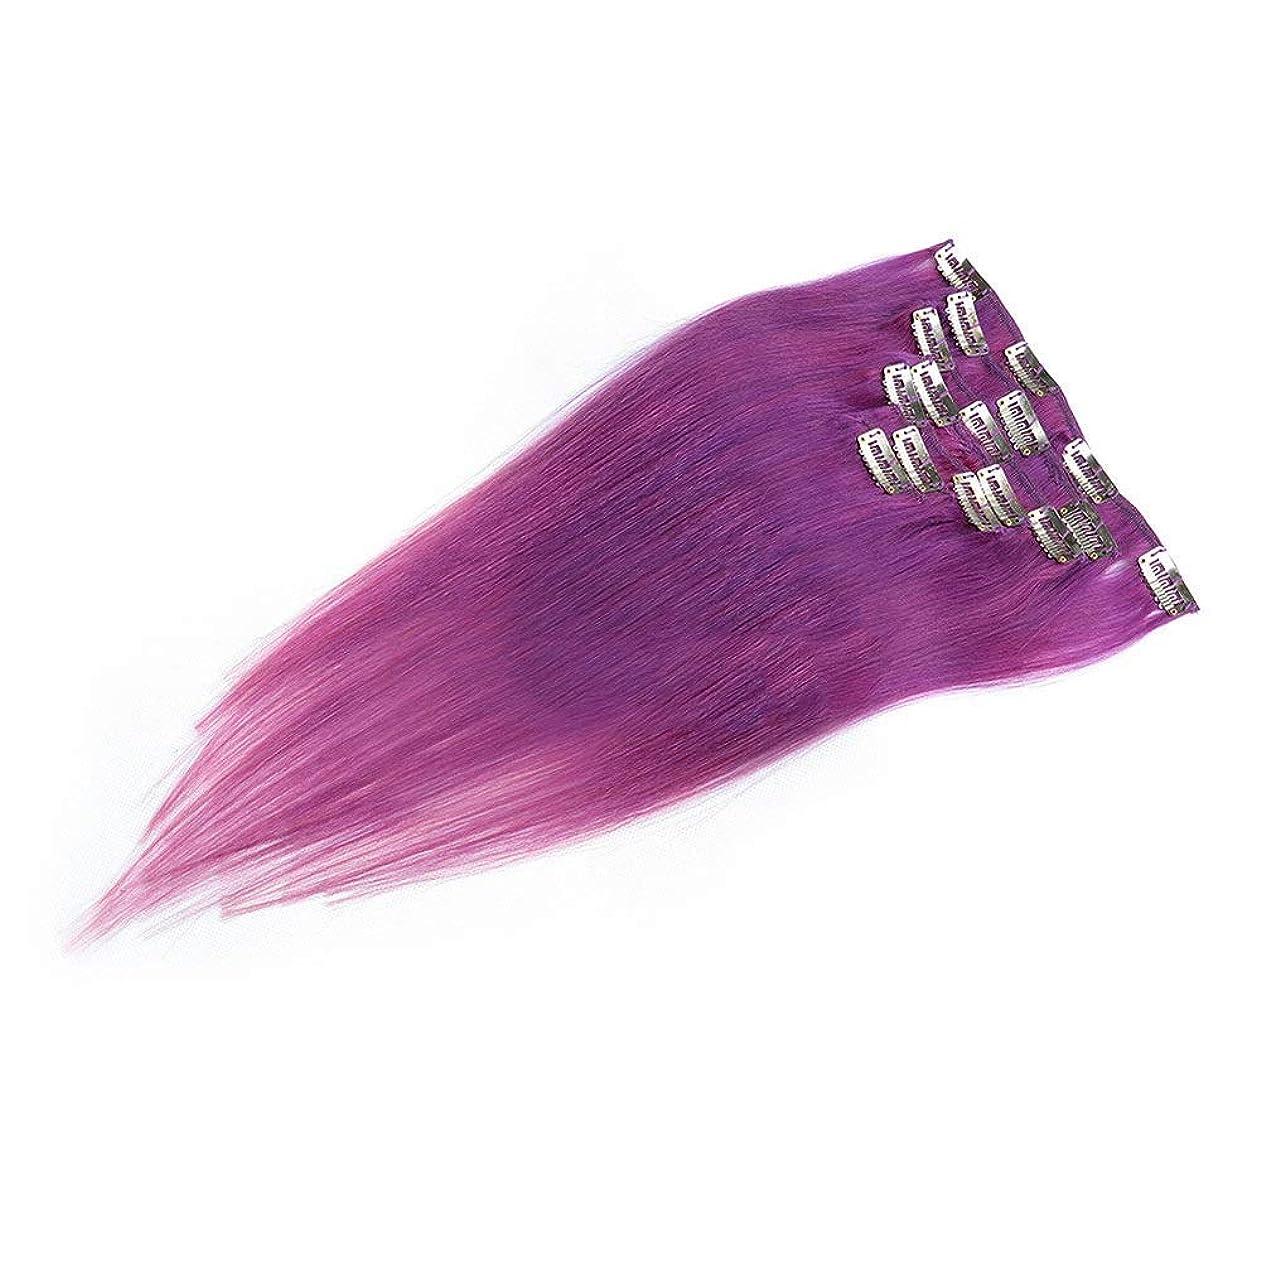 乳白ドナウ川しかしかつら 本物の髪の拡張子で女性の紫色のストレートクリップ20インチフルヘッド7個ウィッグパーティーウィッグ (色 : PHOTO COLOR)